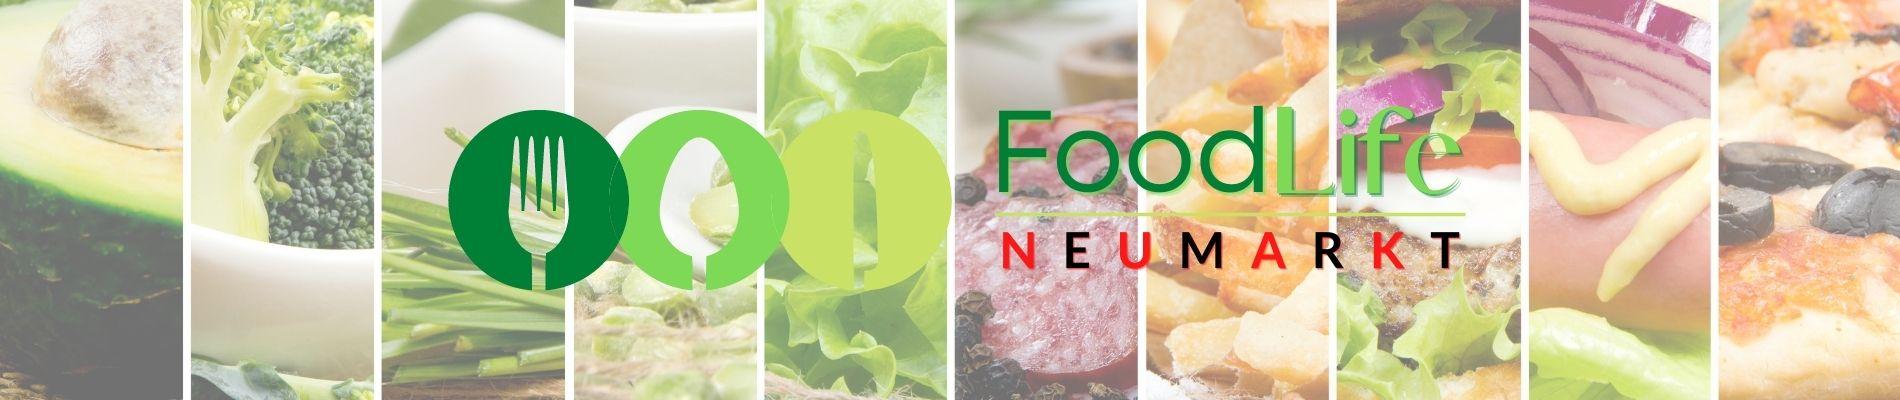 FoodLife Restaurants Neumarkt